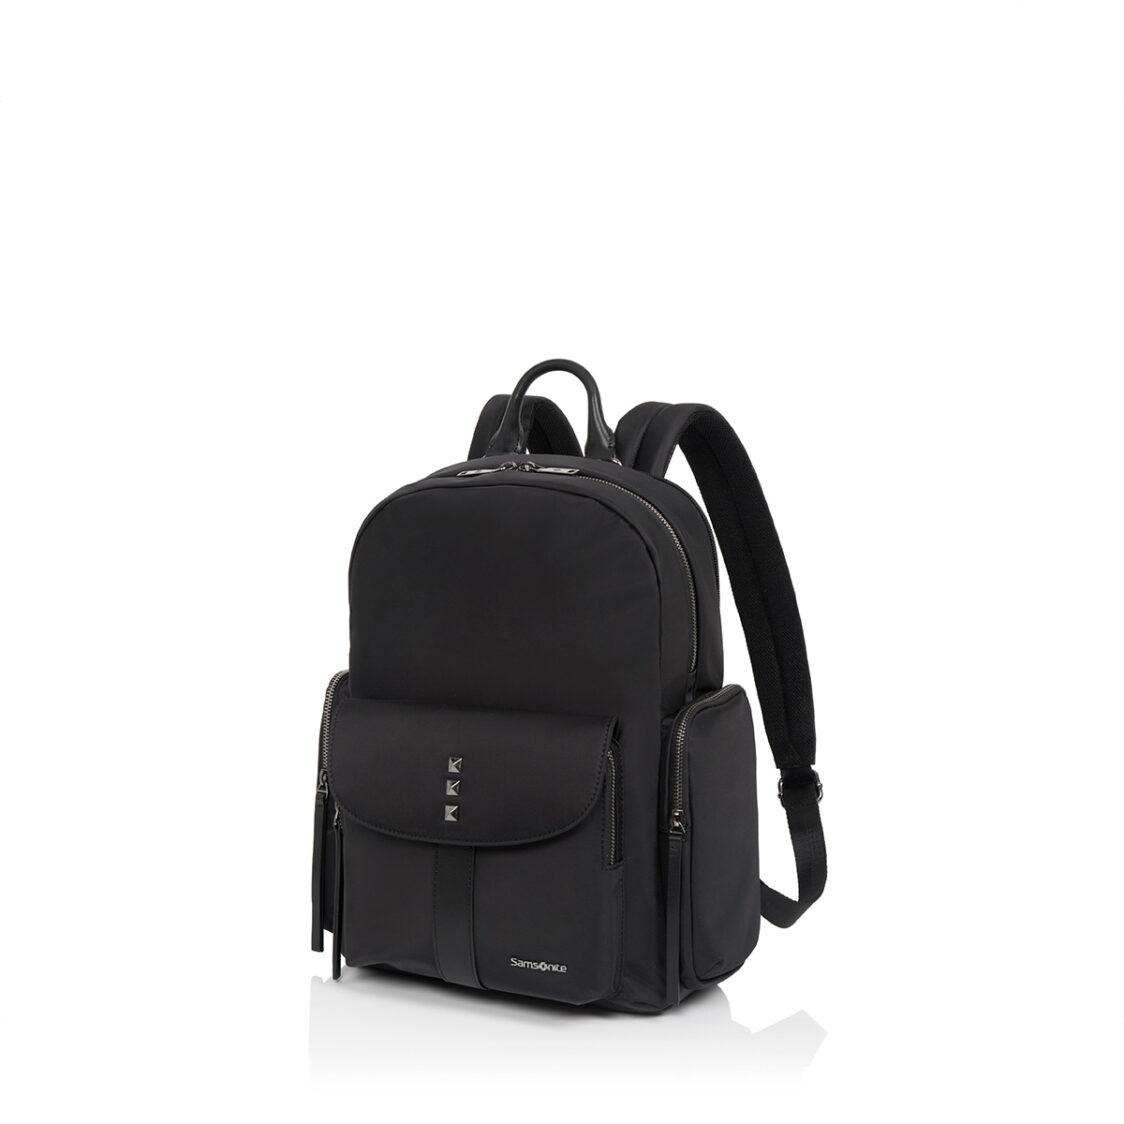 Samsonite Leah 141 Laptop Backpack  HB809004